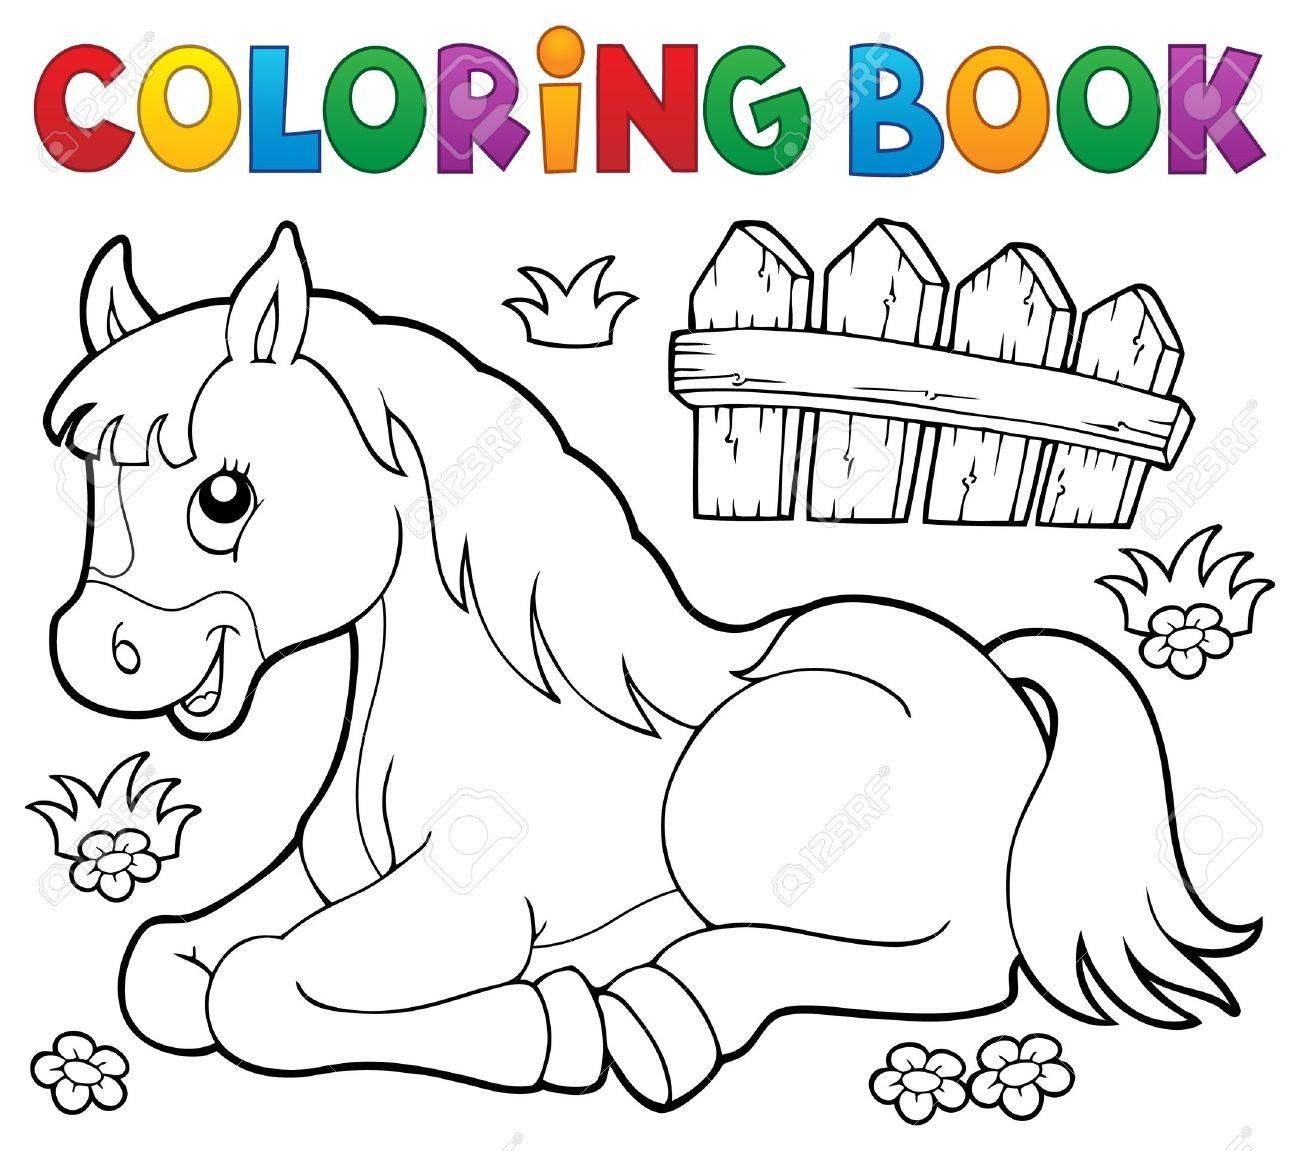 Libro Para Colorear Caballo Tema 1 - Ilustración Vectorial Eps10 ...